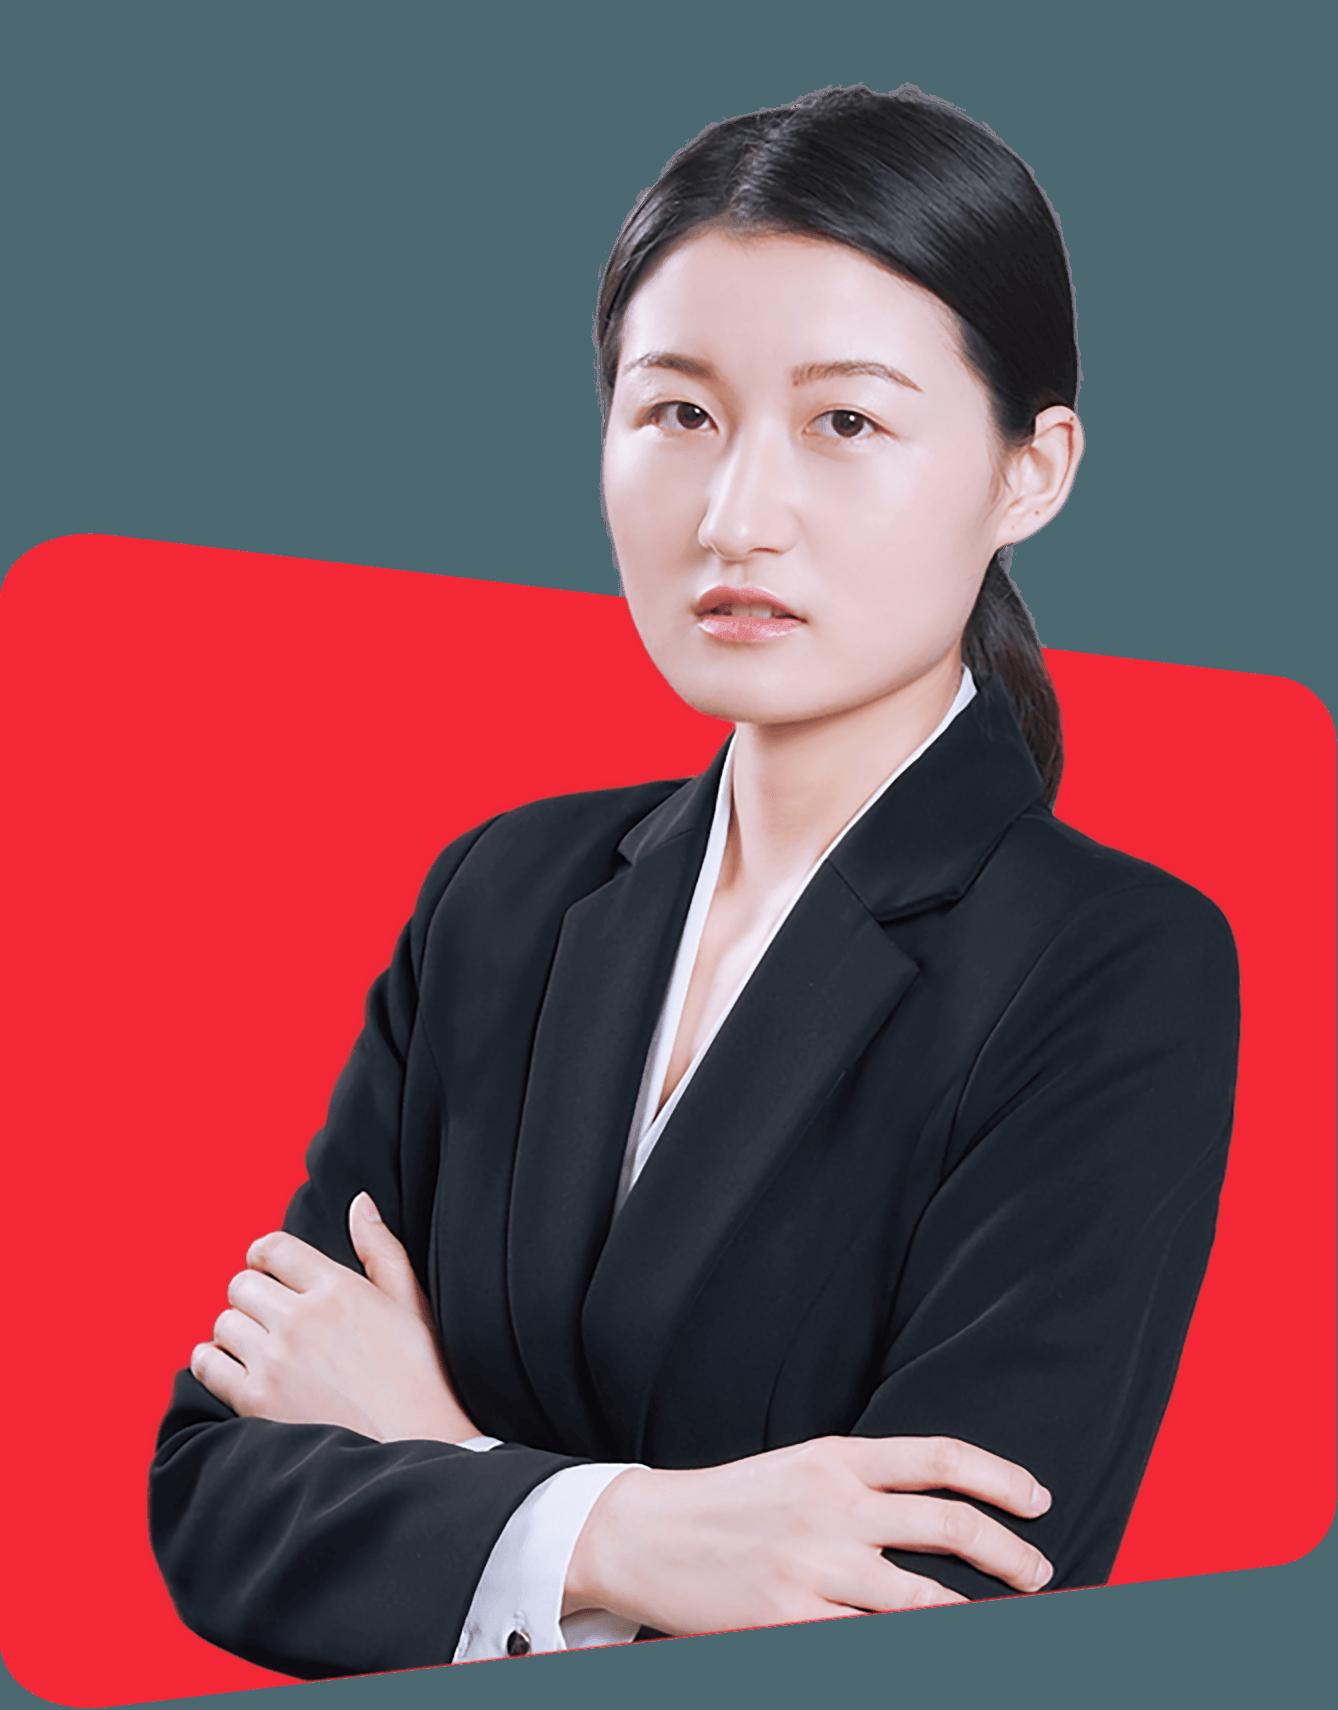 秦潇潇 毕业于辽宁大学 擅长英语